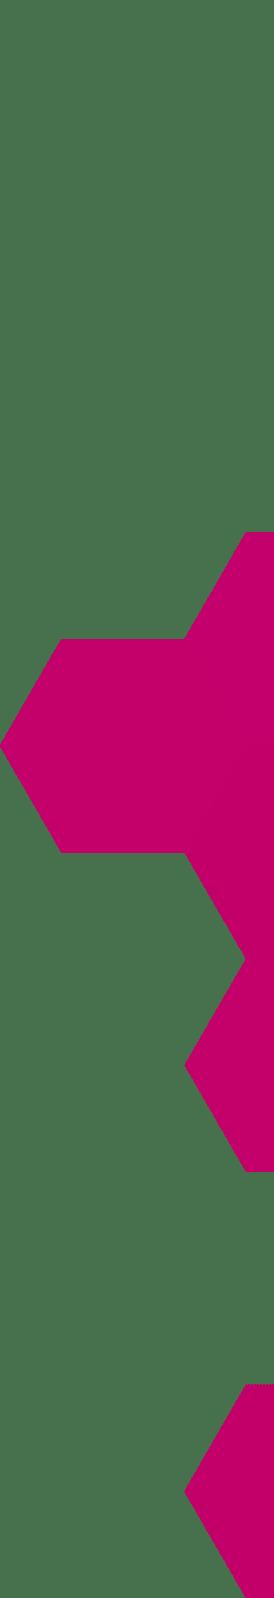 waben_hintergrund_pink@1x.png